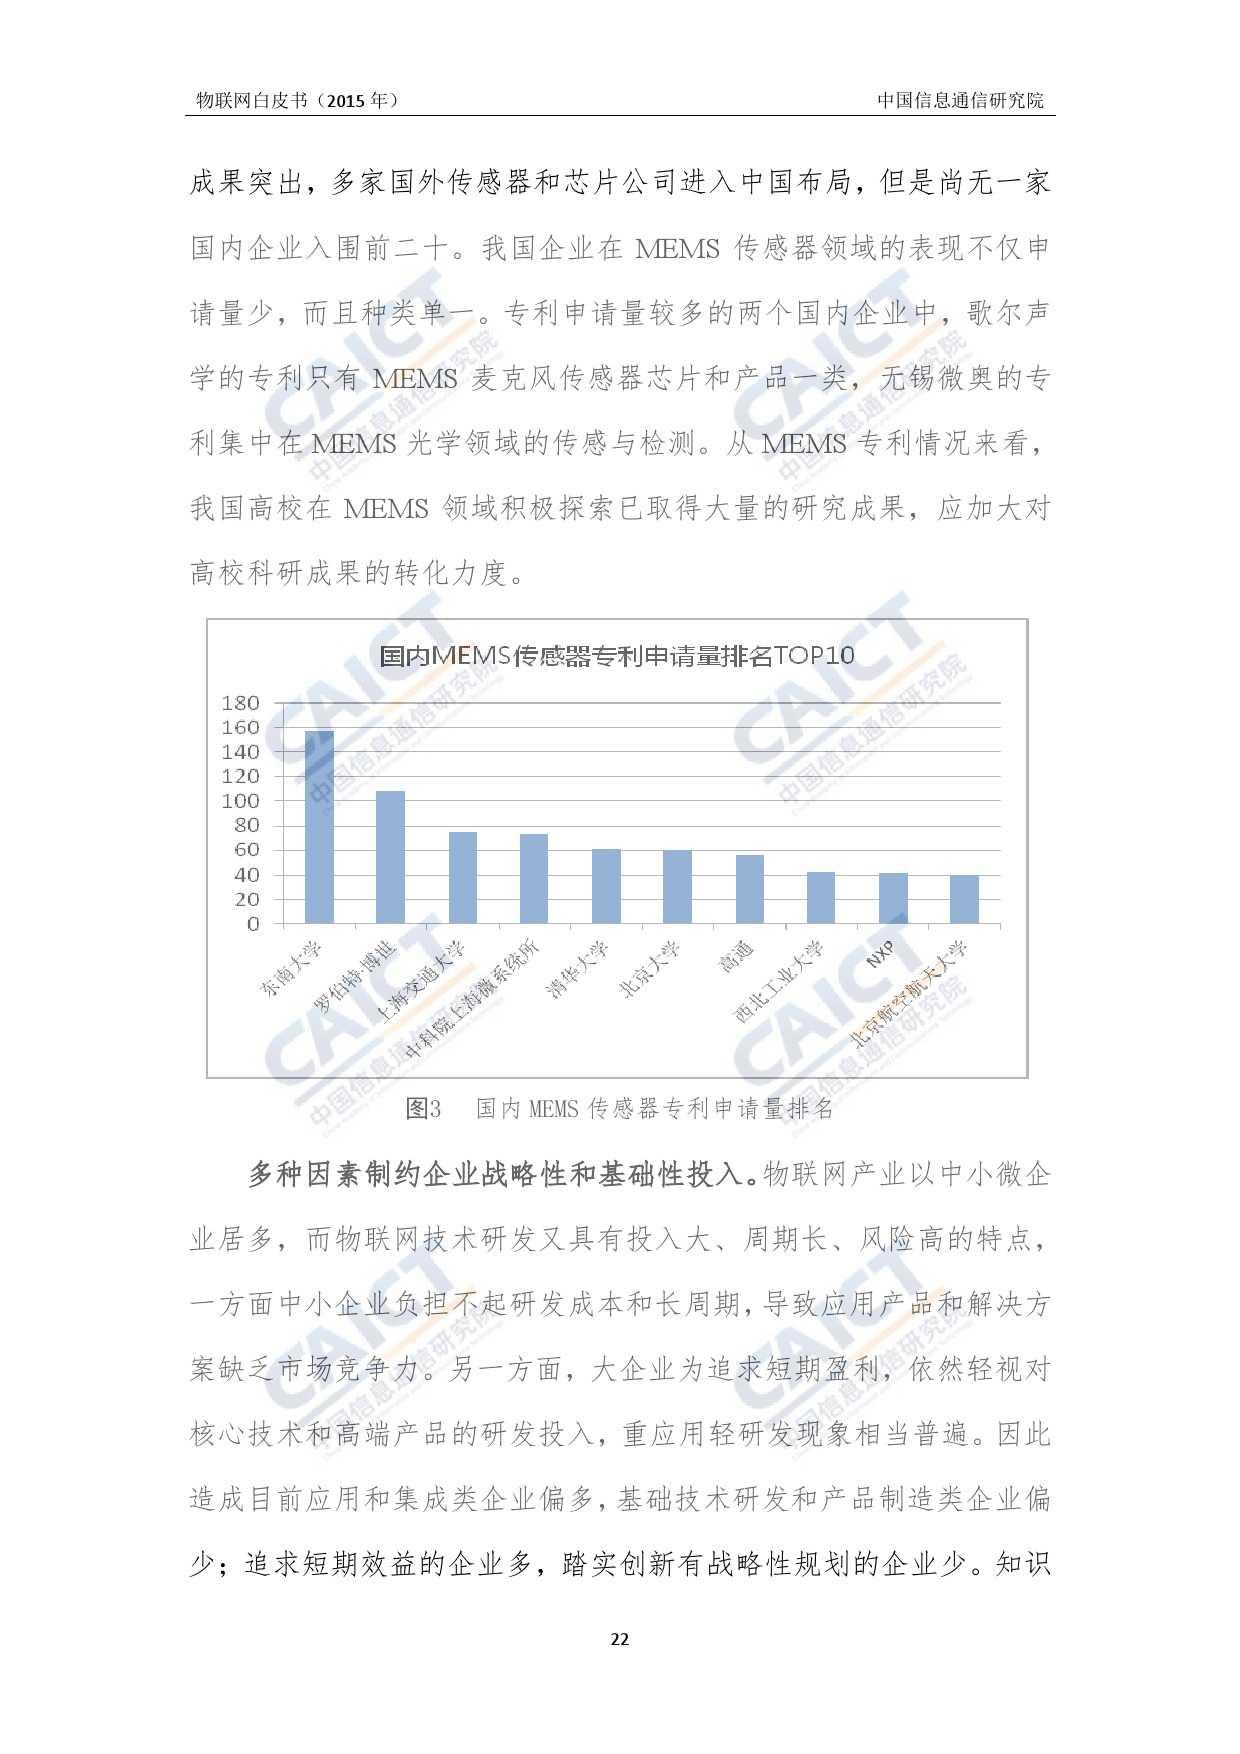 中国信息通信研究院:2015年物联网白皮书_000026